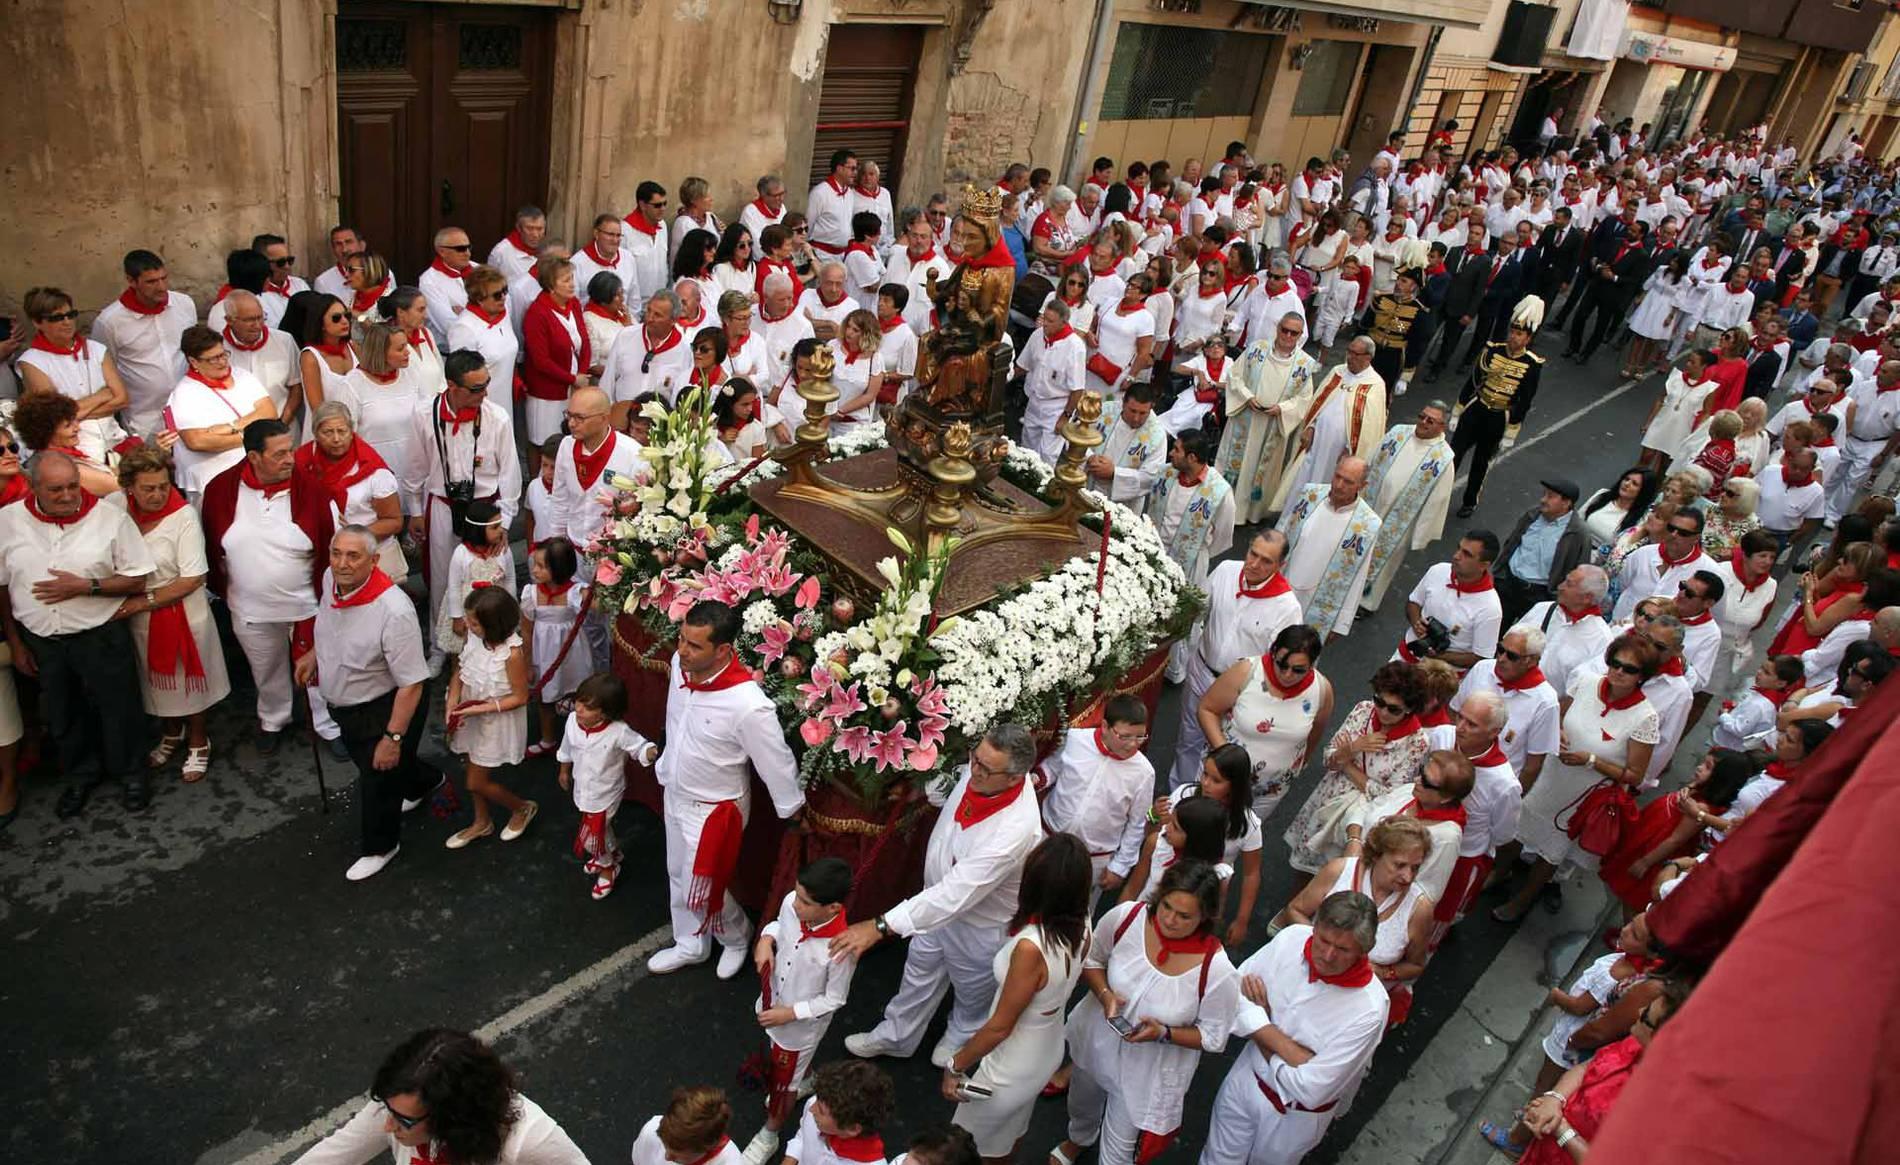 Procesión de la Virgen de la Paz por las calles de Cintruénigo (1/20) - Imágenes de la procesión de la Virgen de la Paz de las fiestas de Cintruénigo - Tudela y Ribera -